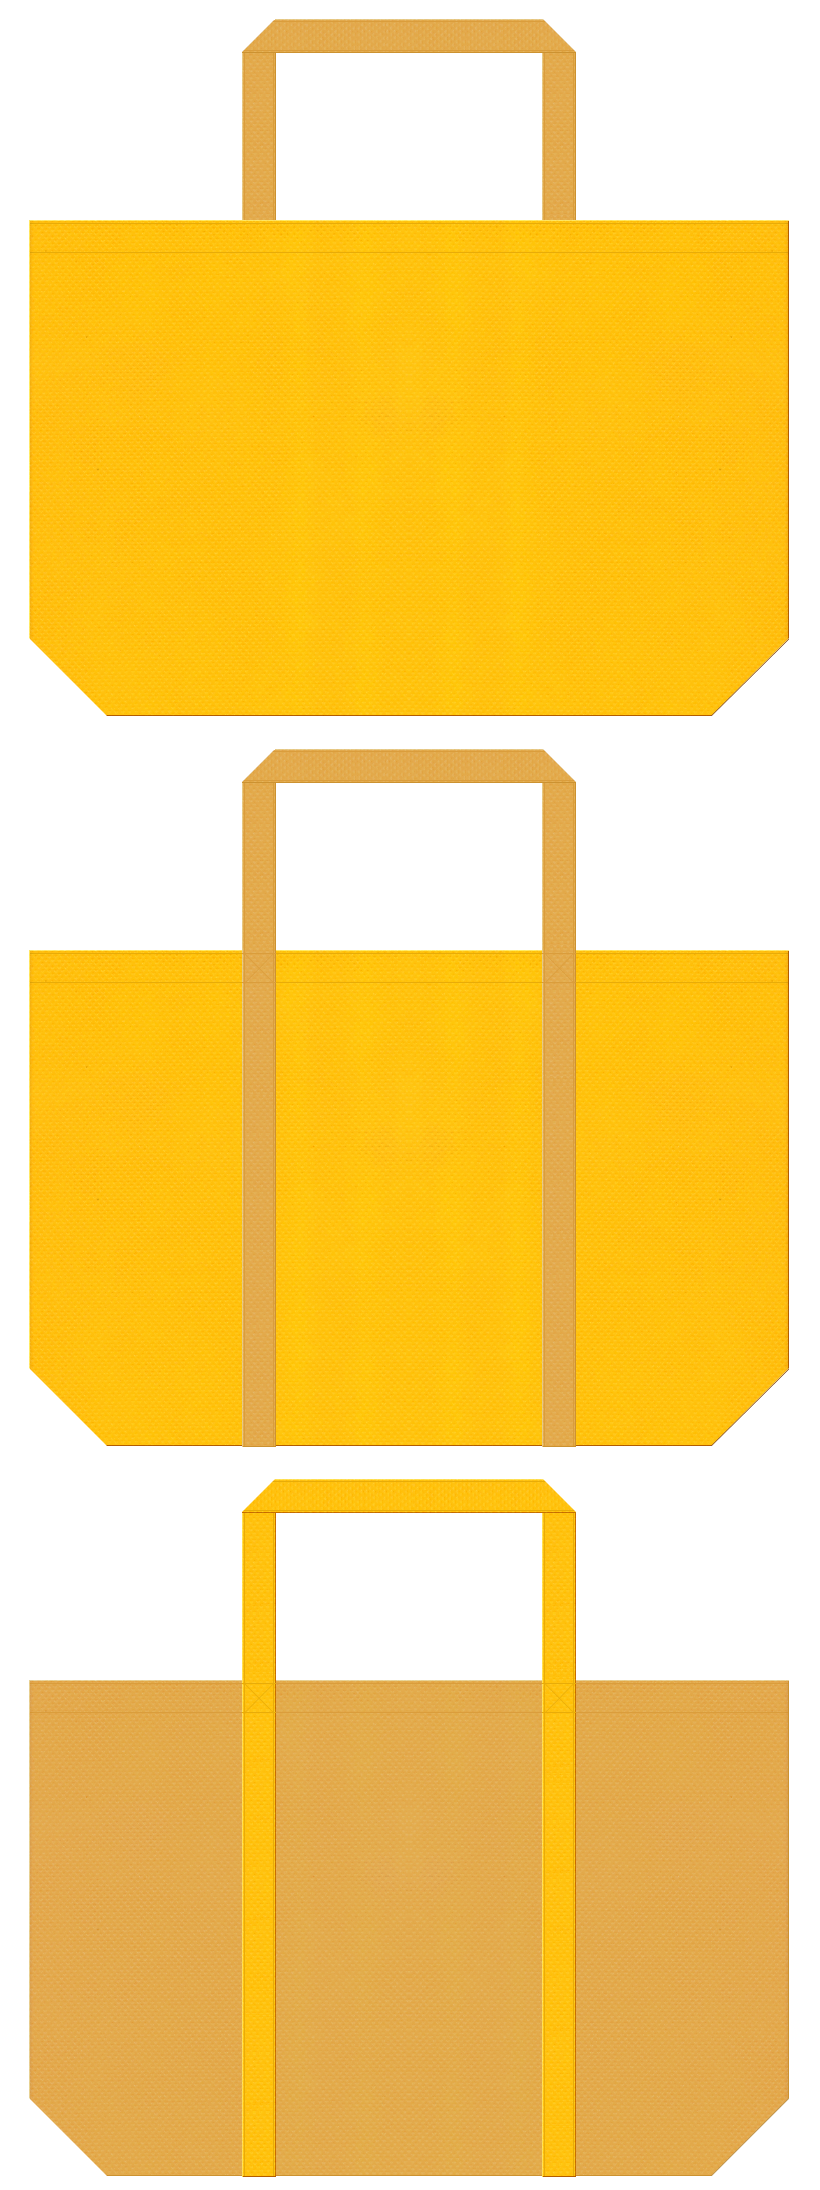 フライヤー・食用油・麦・ビール・スイーツ・クッキー・キャラメル・マロンケーキ・バター・はちみつ・栗・和菓子・絵本・お宝・黄金・ピラミッド・ラクダ・砂漠・砂丘・テーマパーク・ゲーム・通園バッグ・キッズイベントにお奨めの不織布バッグデザイン:黄色と黄土色のコーデ